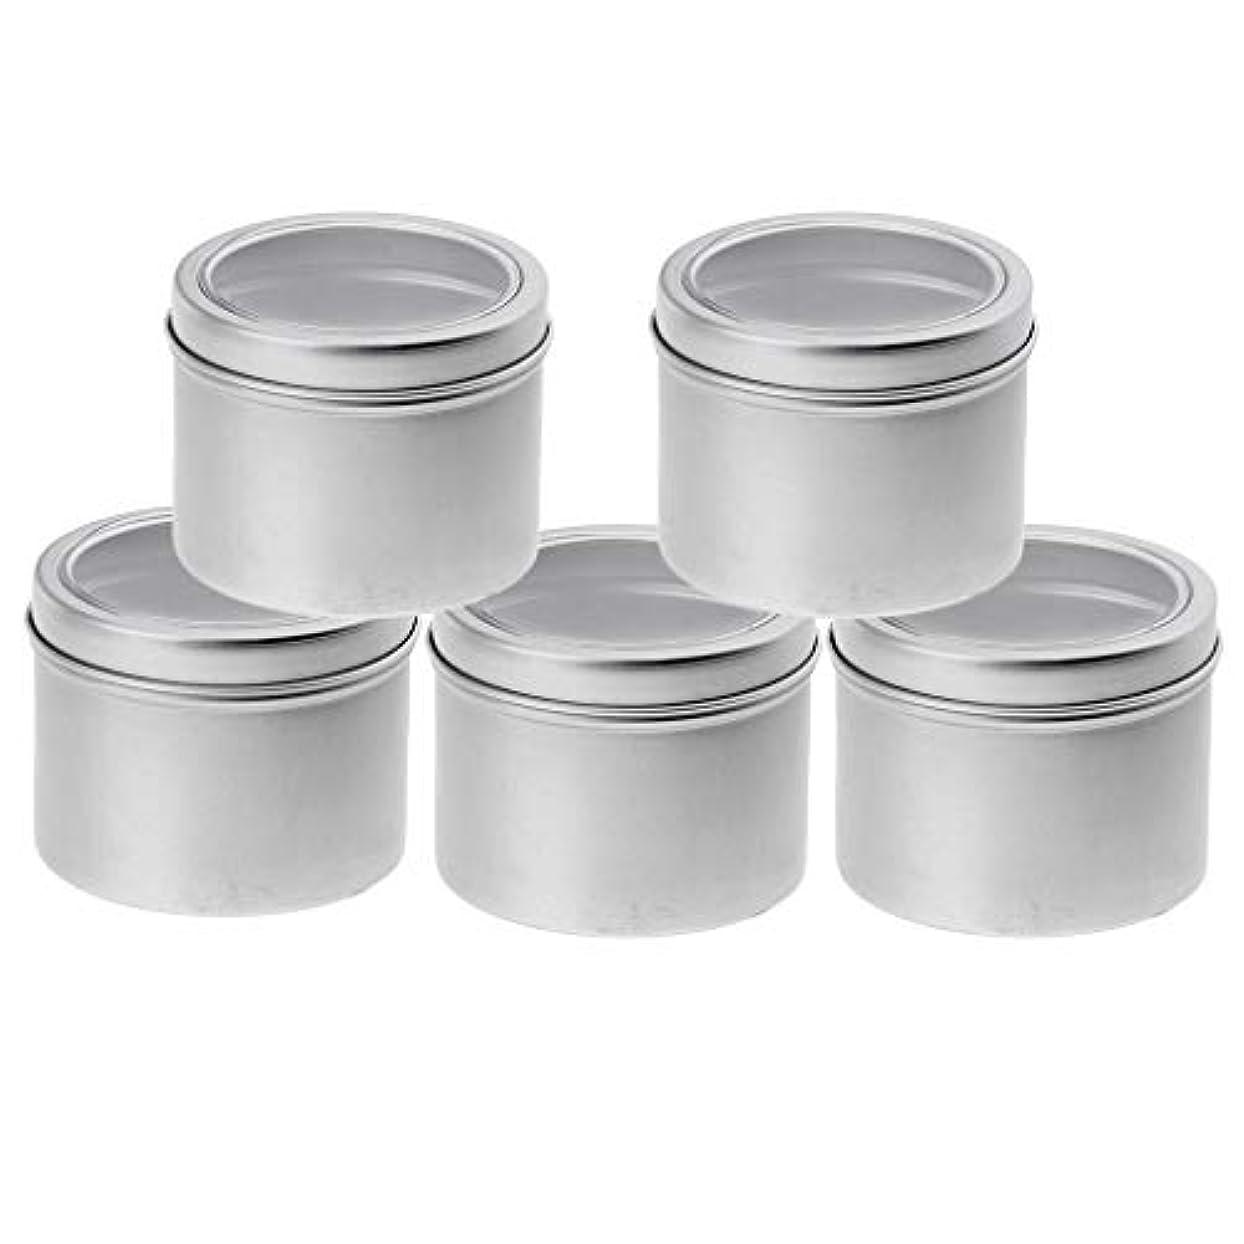 誰かセラフストラップIPOTCH 5個セット 100ml アルミ缶 小分け容器 詰め替え容器 クリームケース 化粧品 収納ボックス